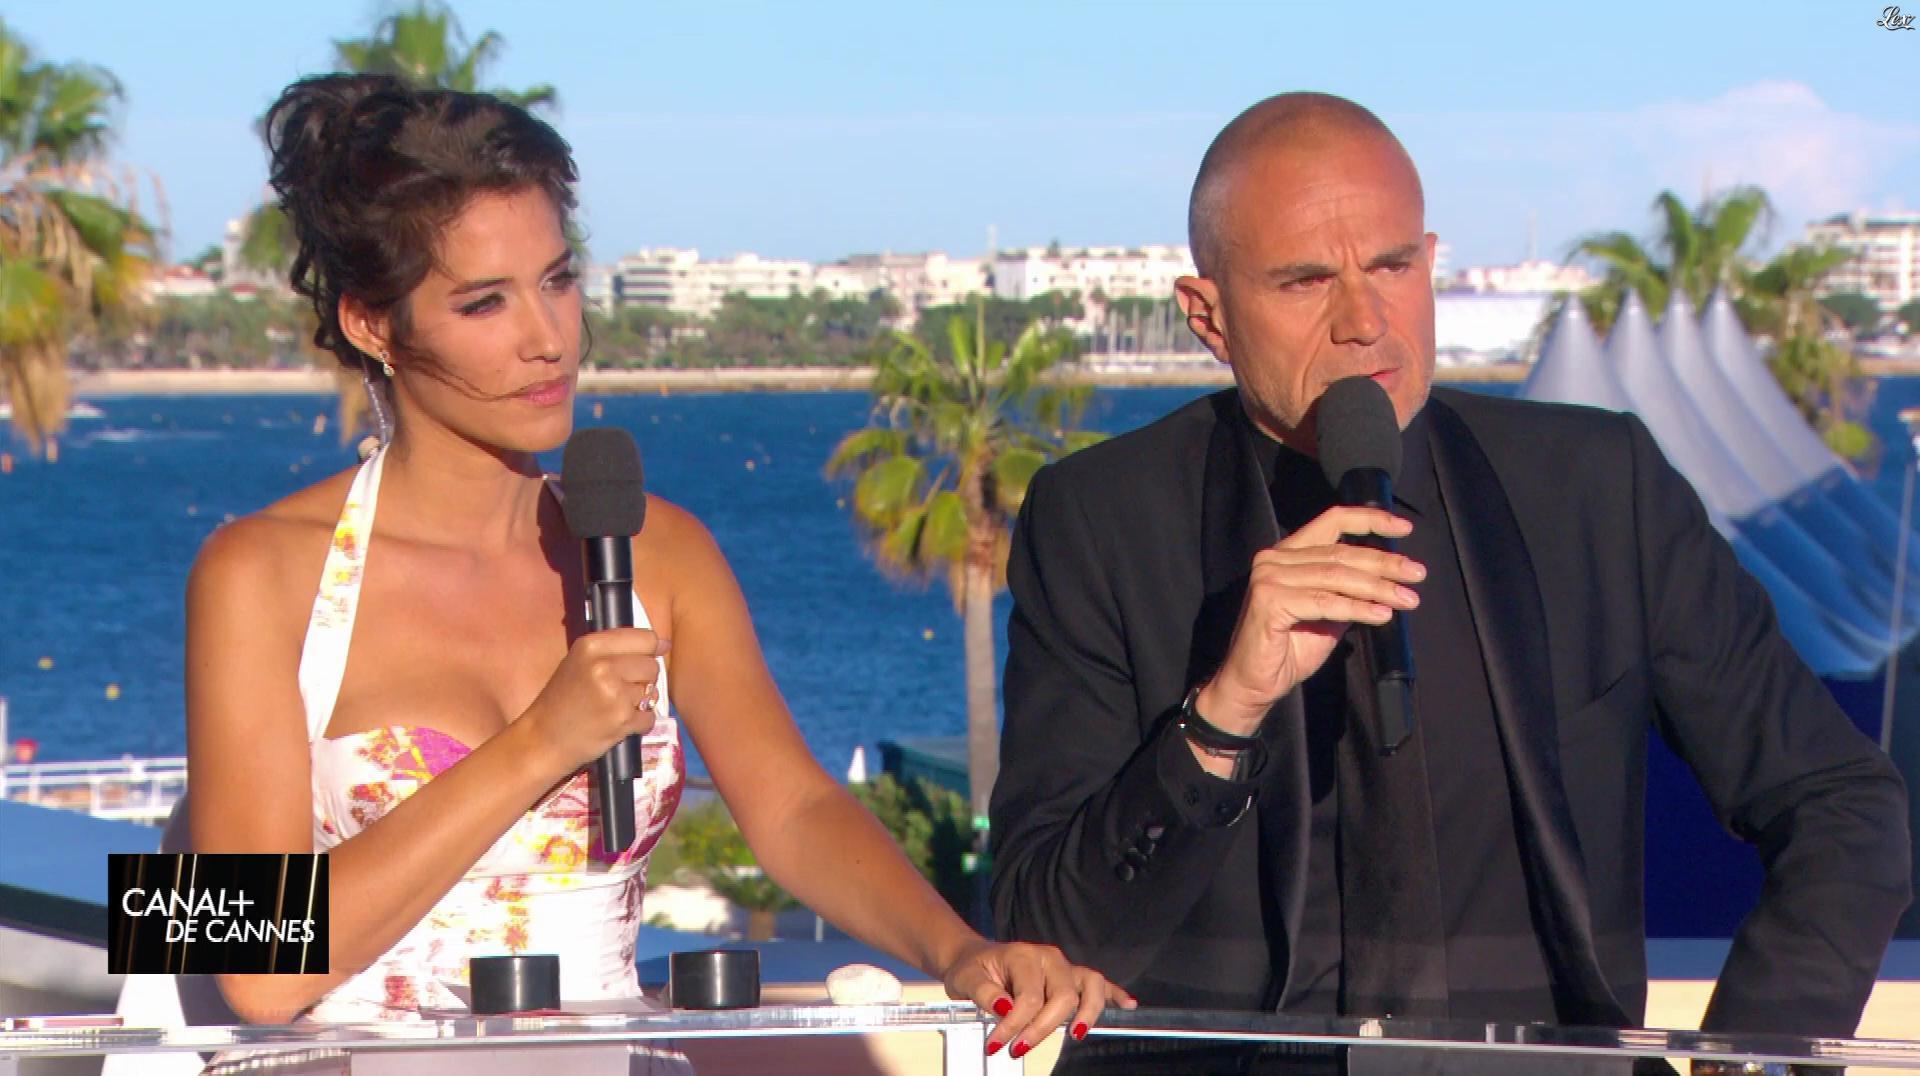 Laurie Cholewa dans Canal Plus de Cannes. Diffusé à la télévision le 19/05/17.